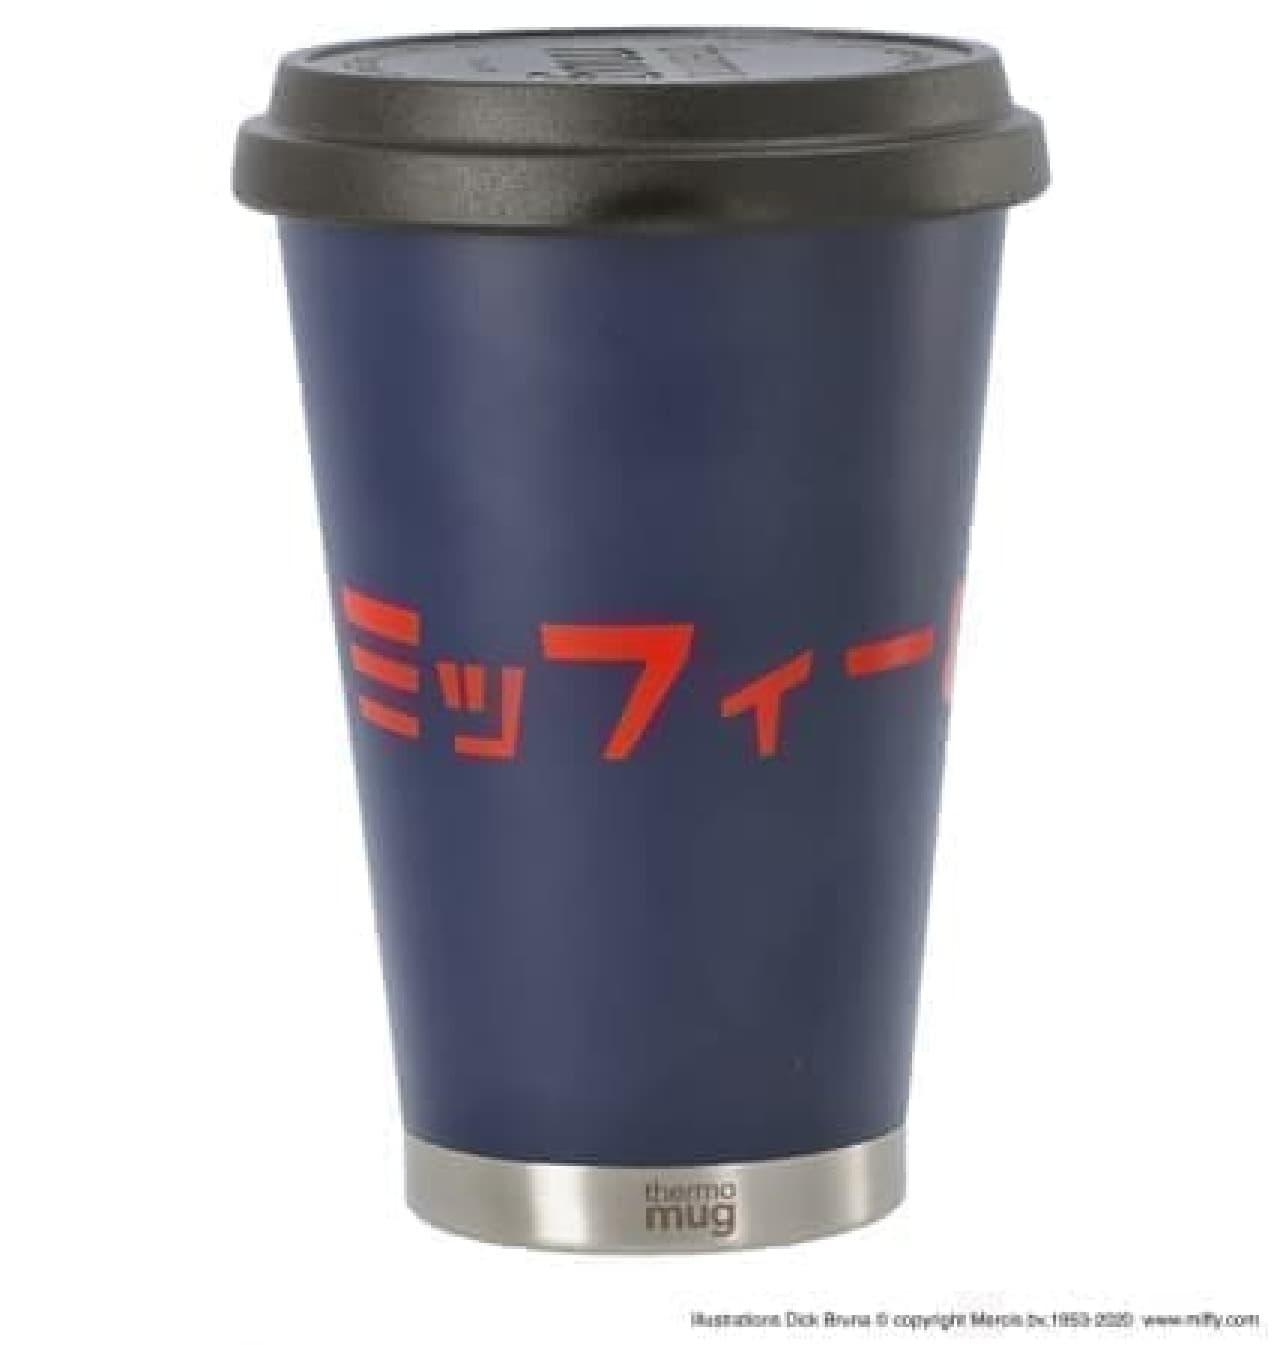 カタカナロゴが特徴のミッフィーグッズ「katakana」シリーズ